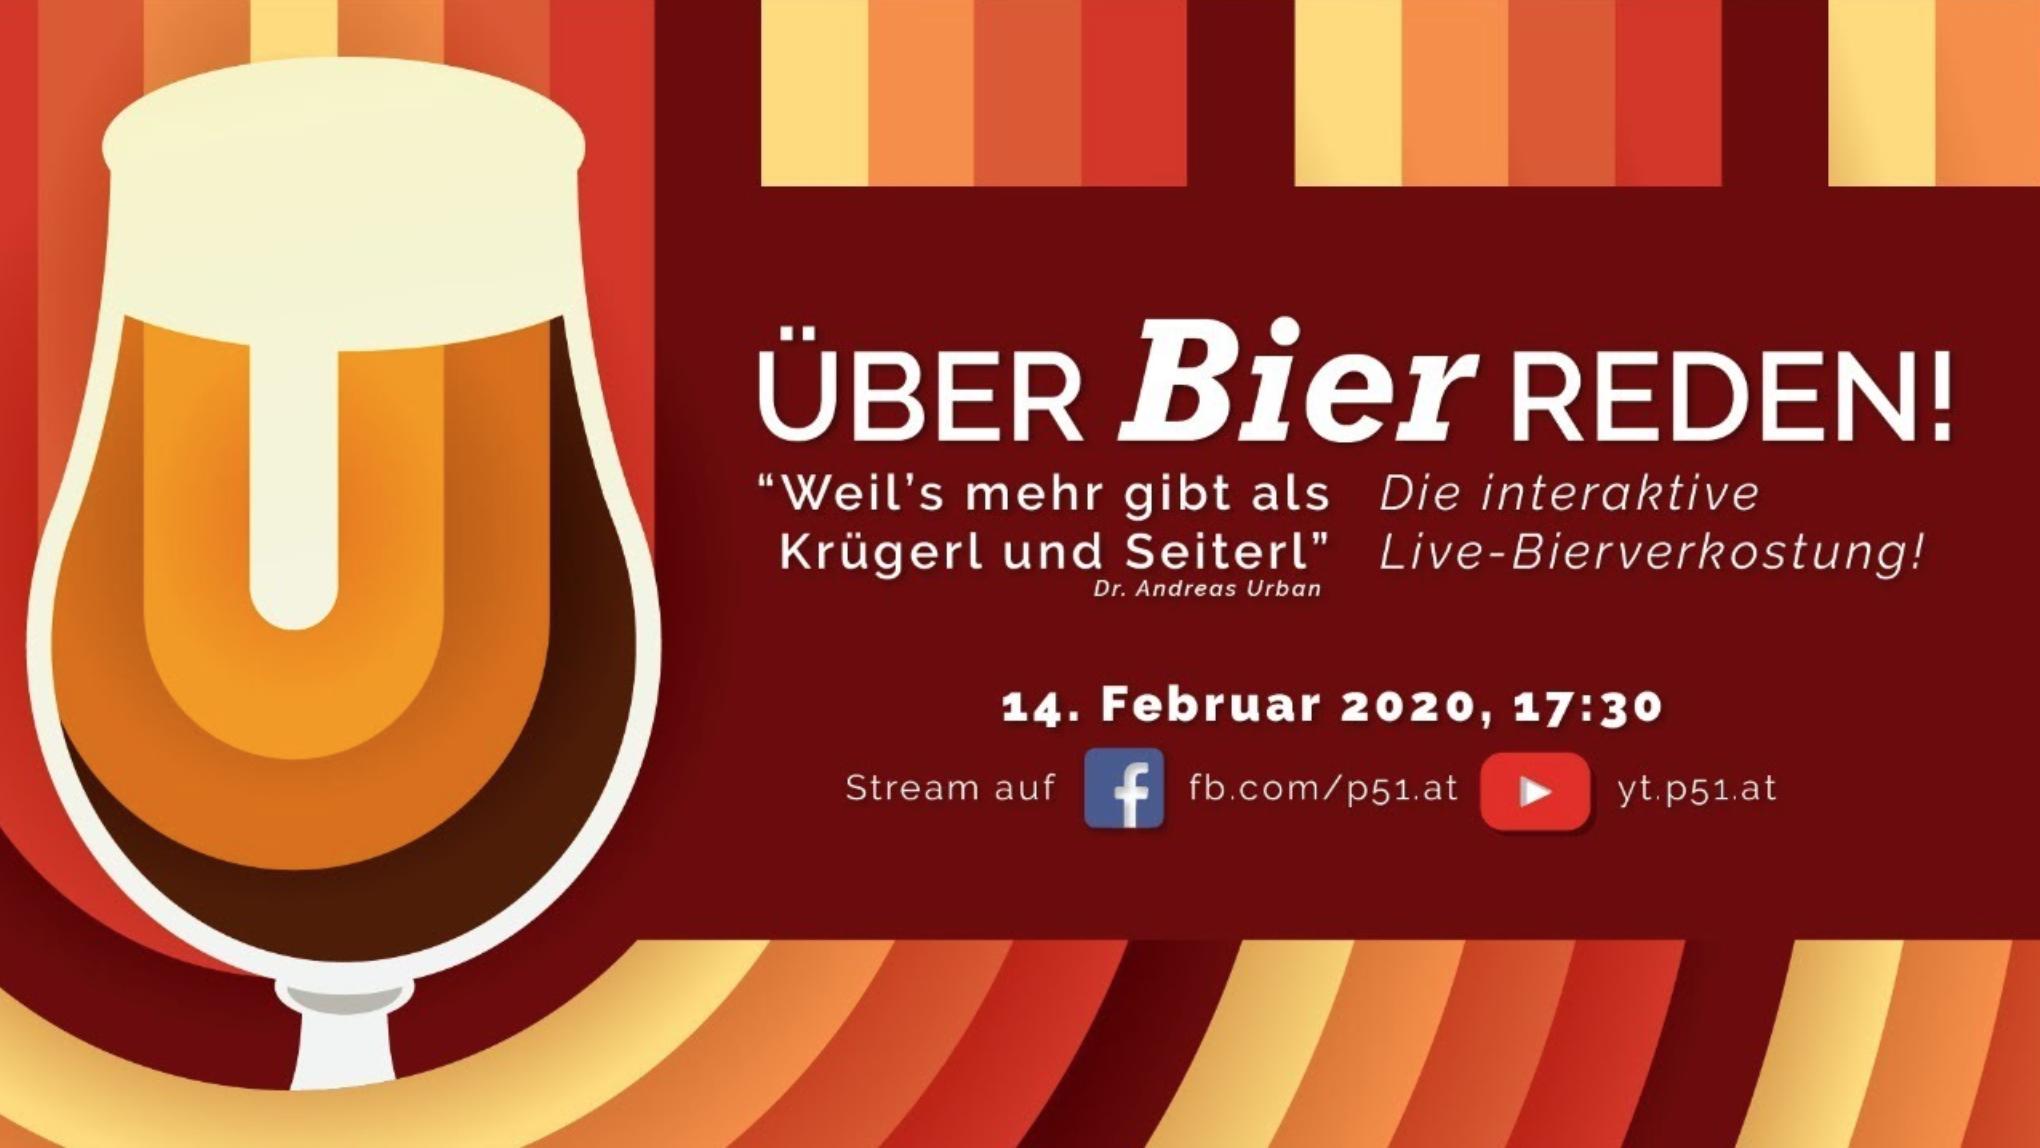 Unsere Live-Bierverkostung mit Project51